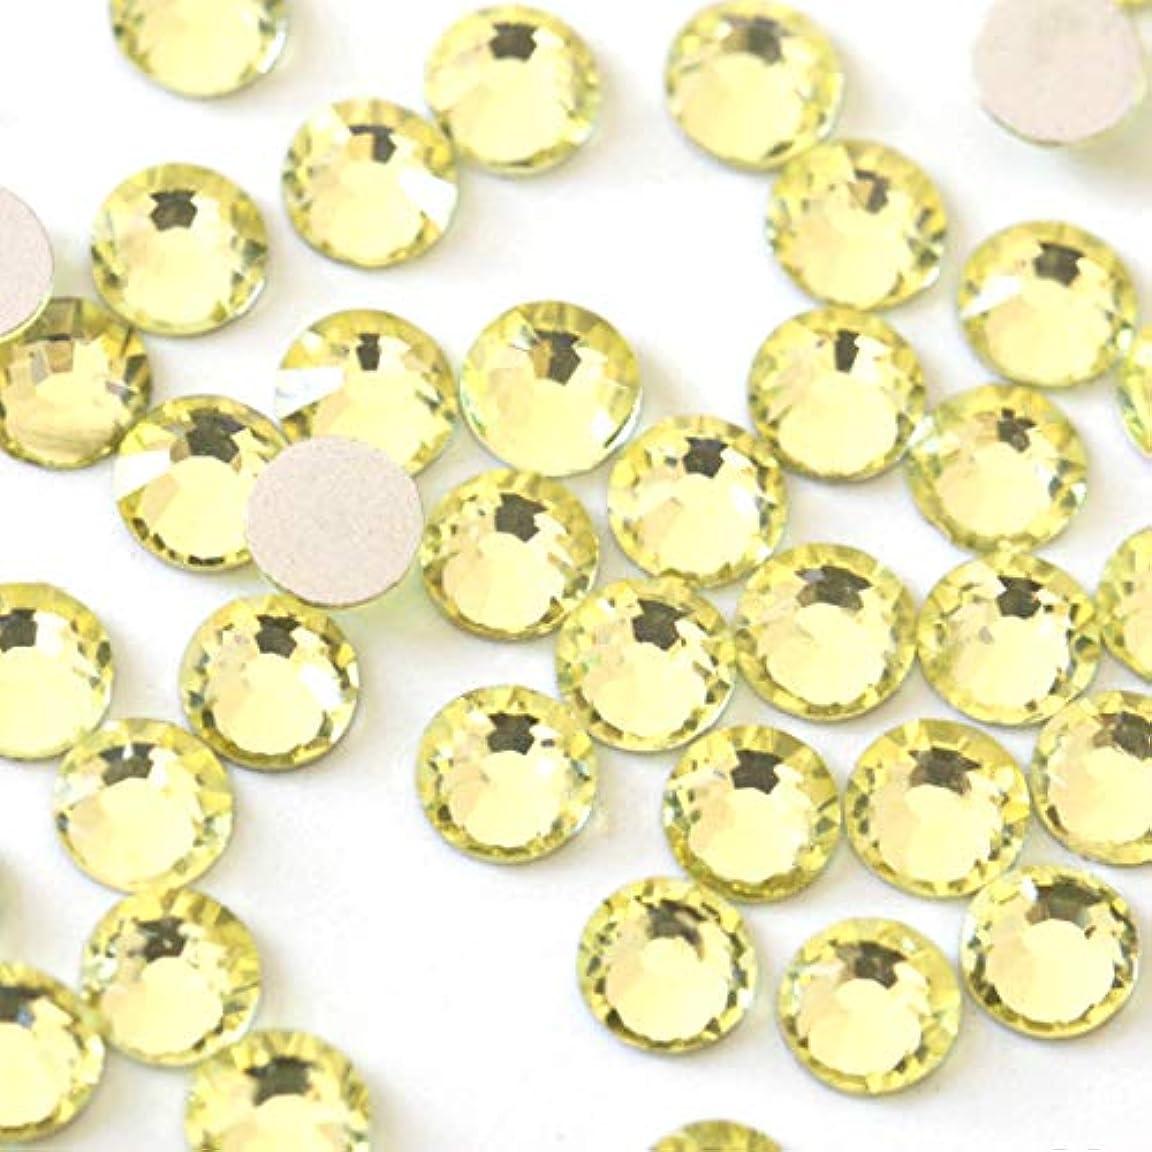 腕妊娠した不適切な【ラインストーン77】高品質ガラス製ラインストーン ジョンキル(1.7mm (SS5) 約200粒)